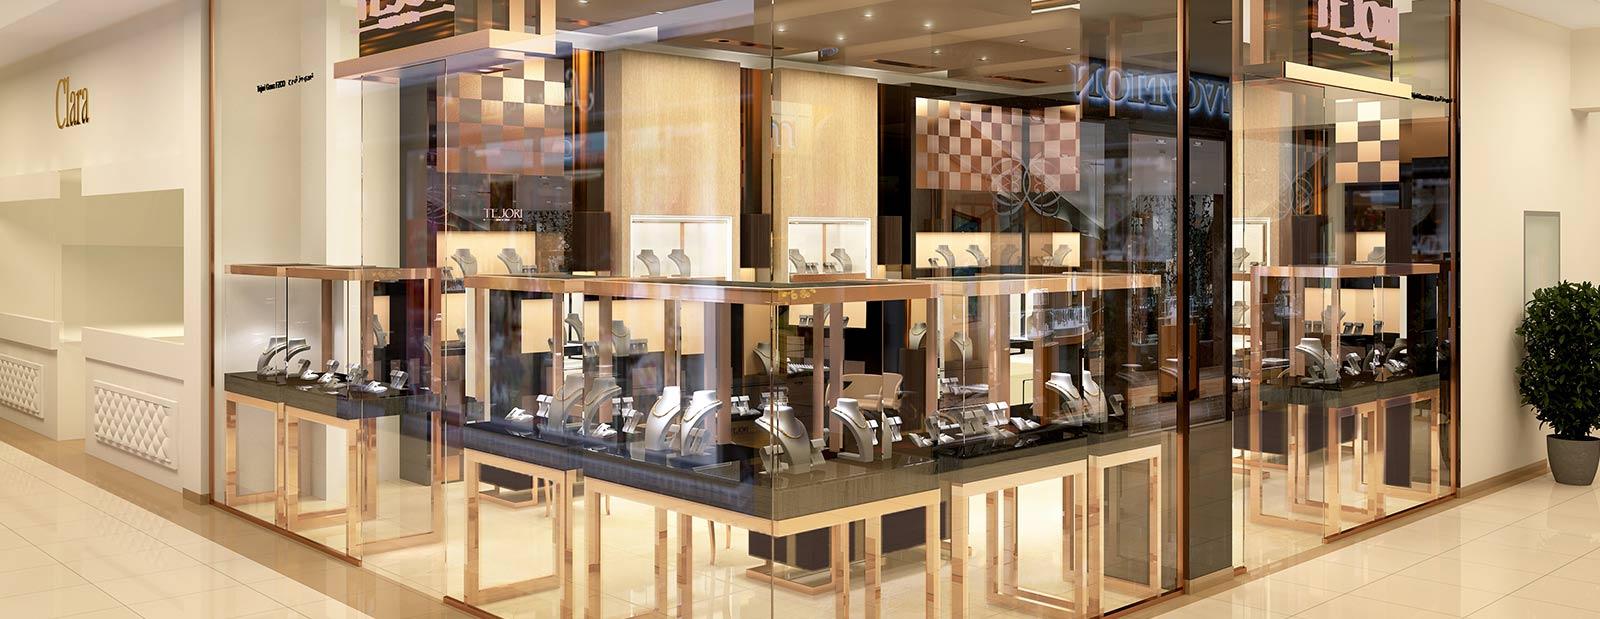 Leading Interior Design Companies in Dubai